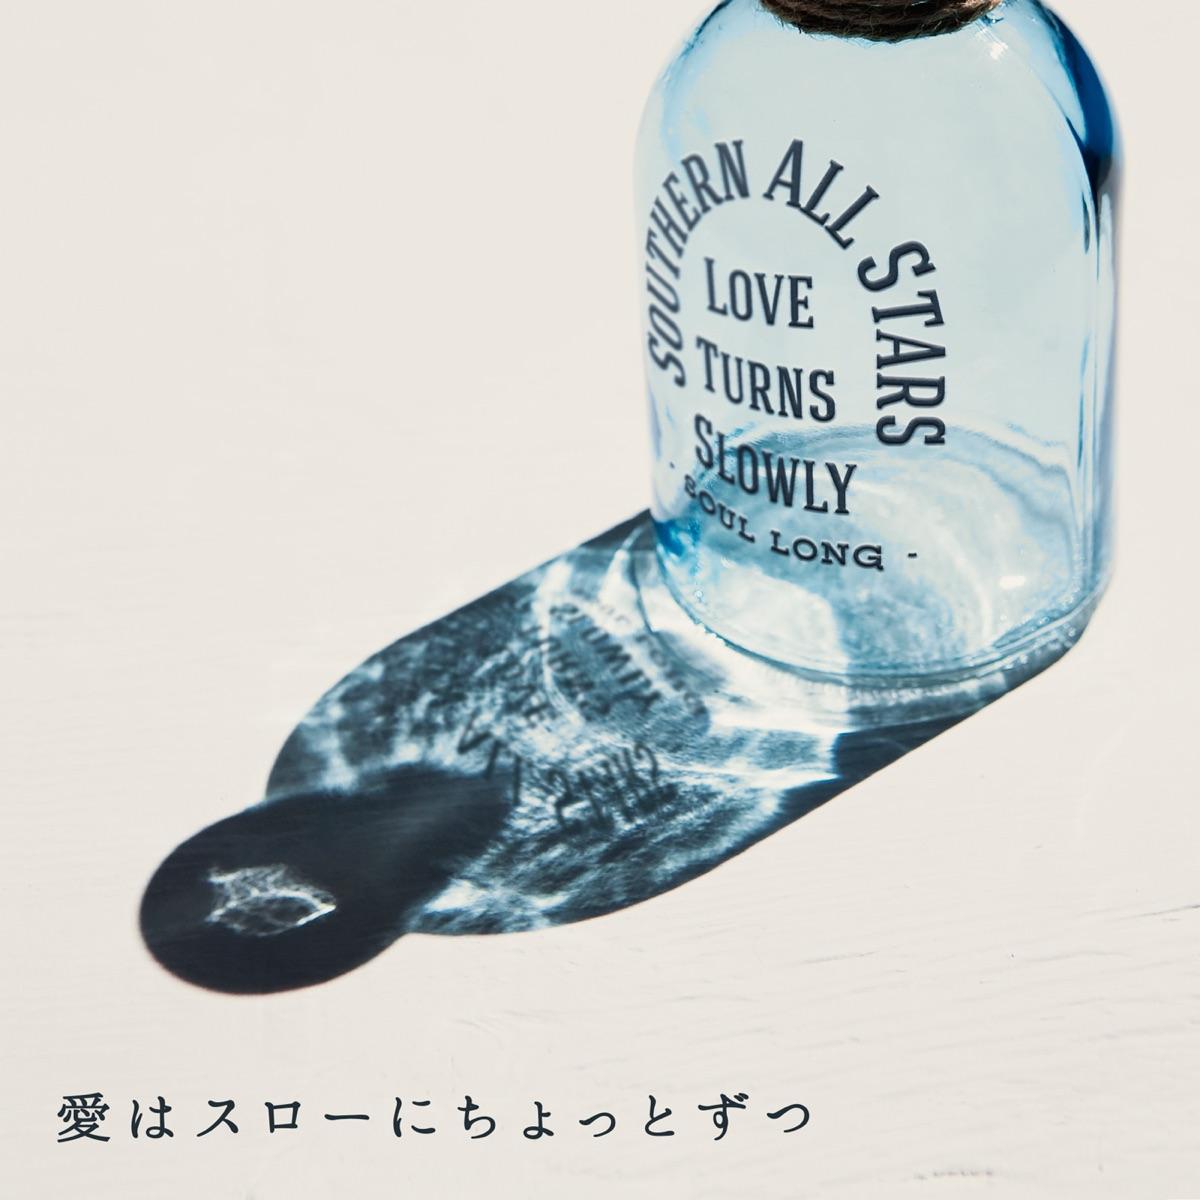 『サザンオールスターズ愛はスローにちょっとずつ』収録の『愛はスローにちょっとずつ』ジャケット